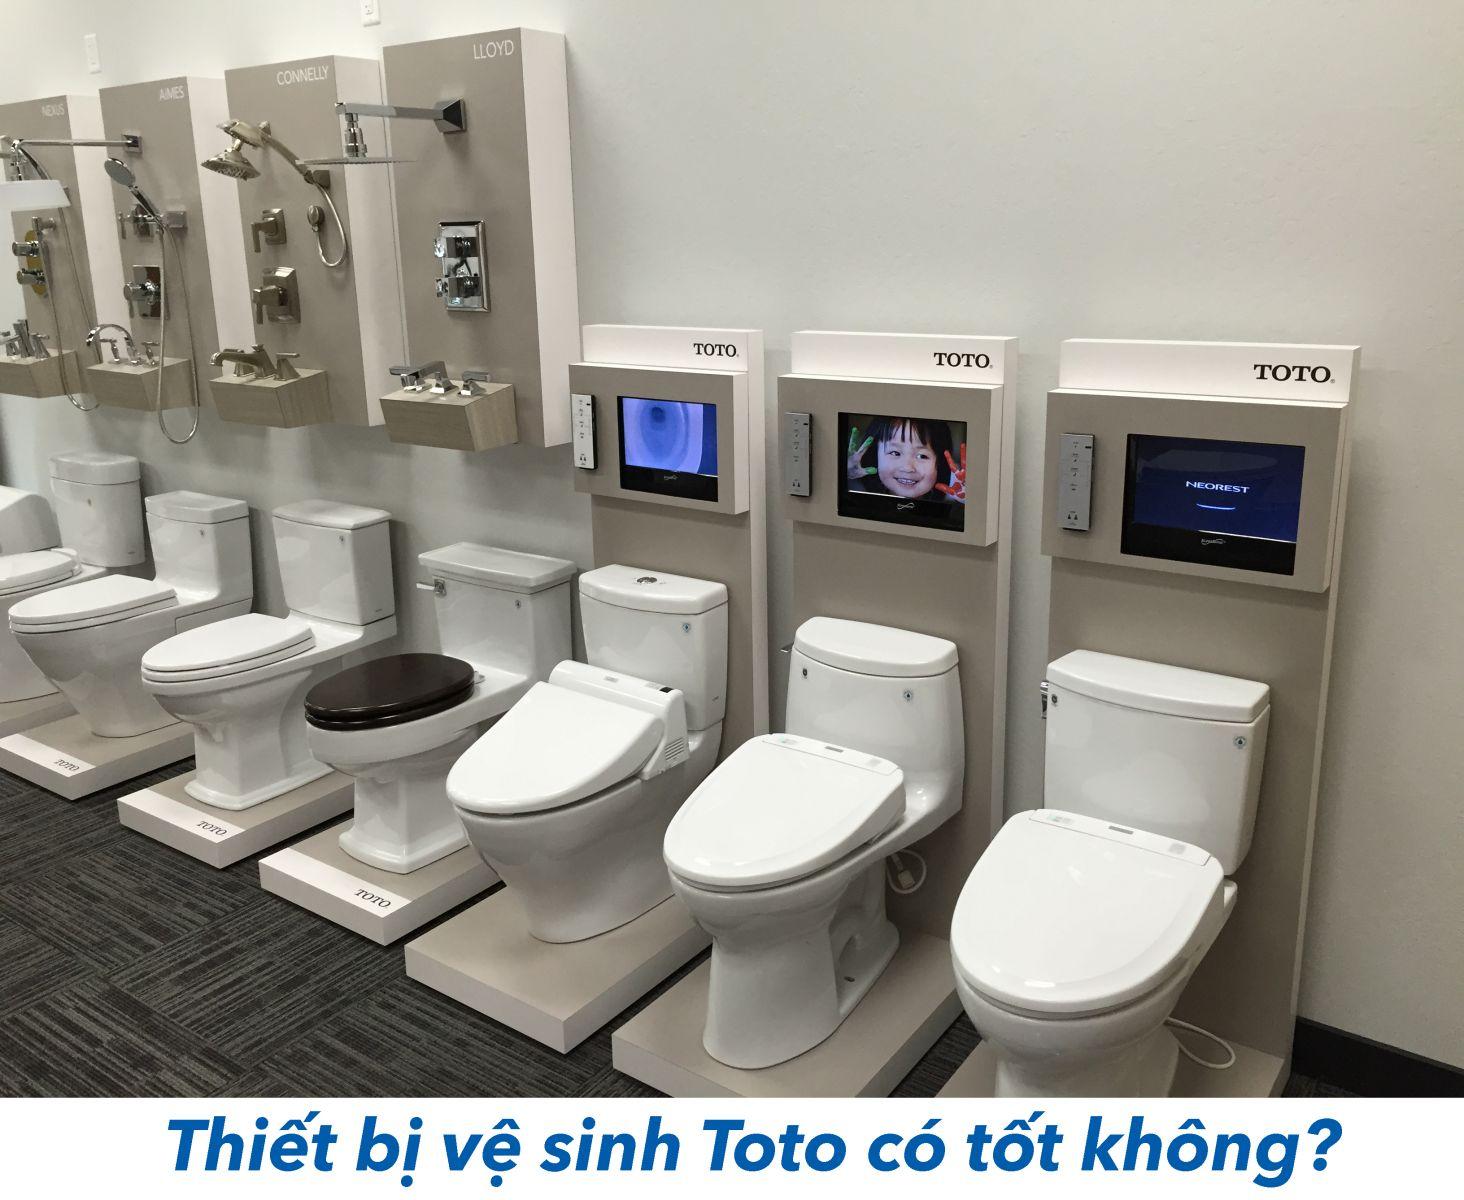 Địa chỉ đại lý bán thiết bị vệ sinh TOTO tại Quận Bình Tân